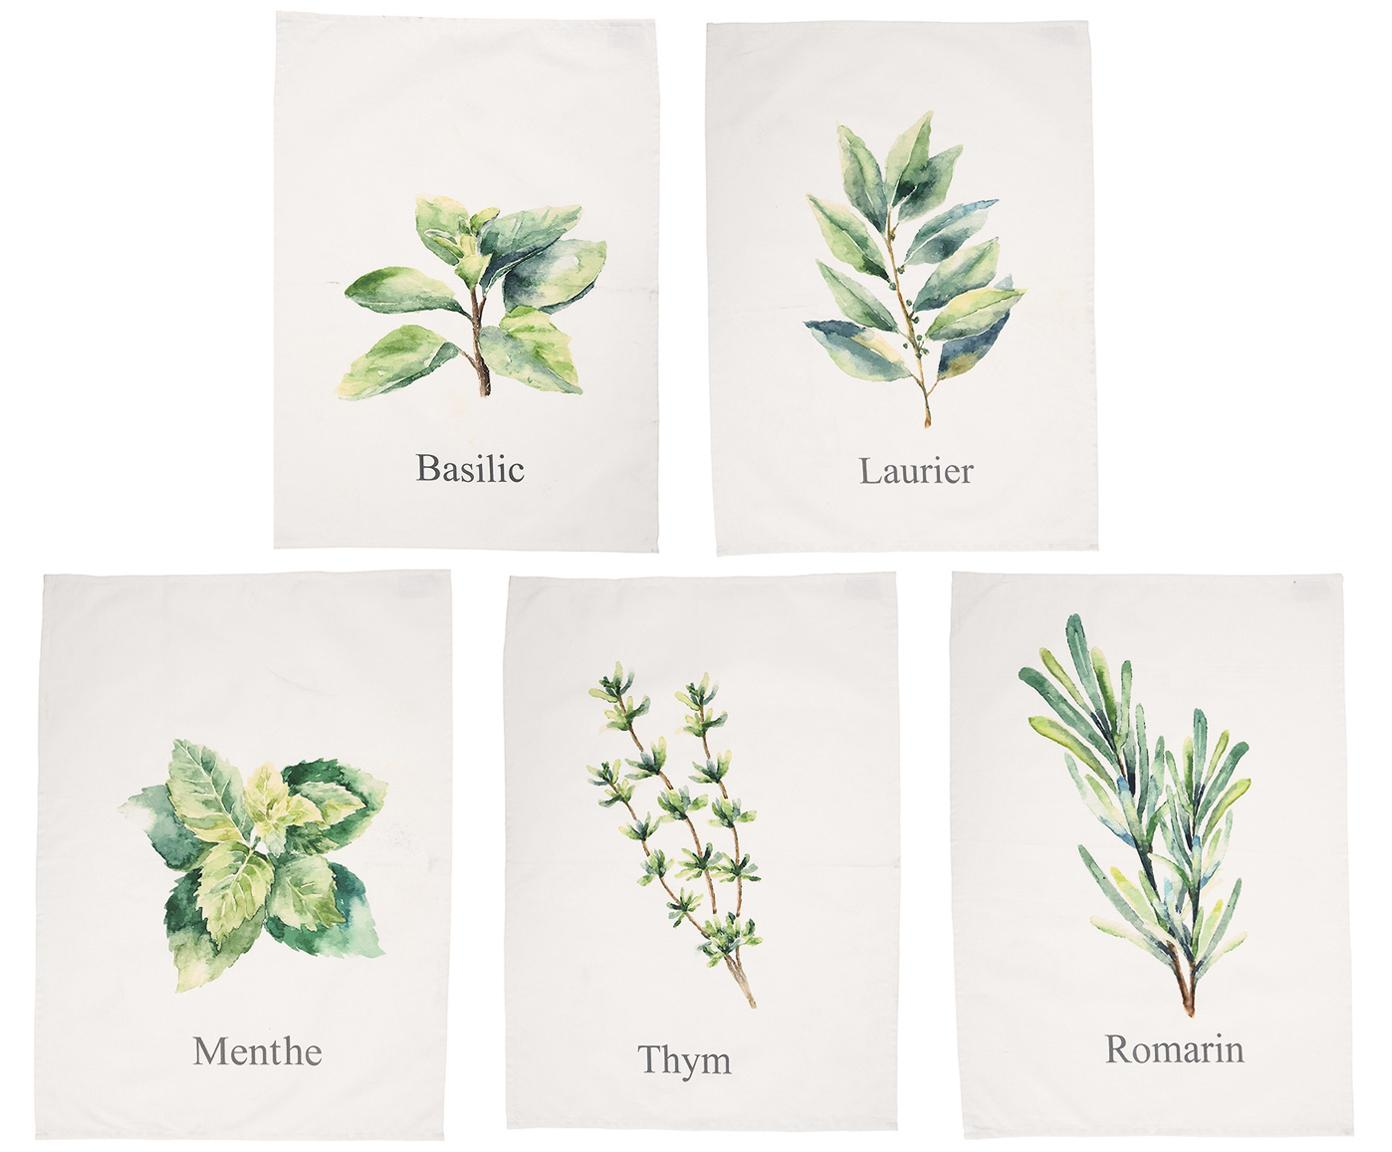 Komplet ręczników kuchennych Aroma, 5elem., Bawełna, Złamana biel, odcienie zielonego, D 70 x S 50 cm